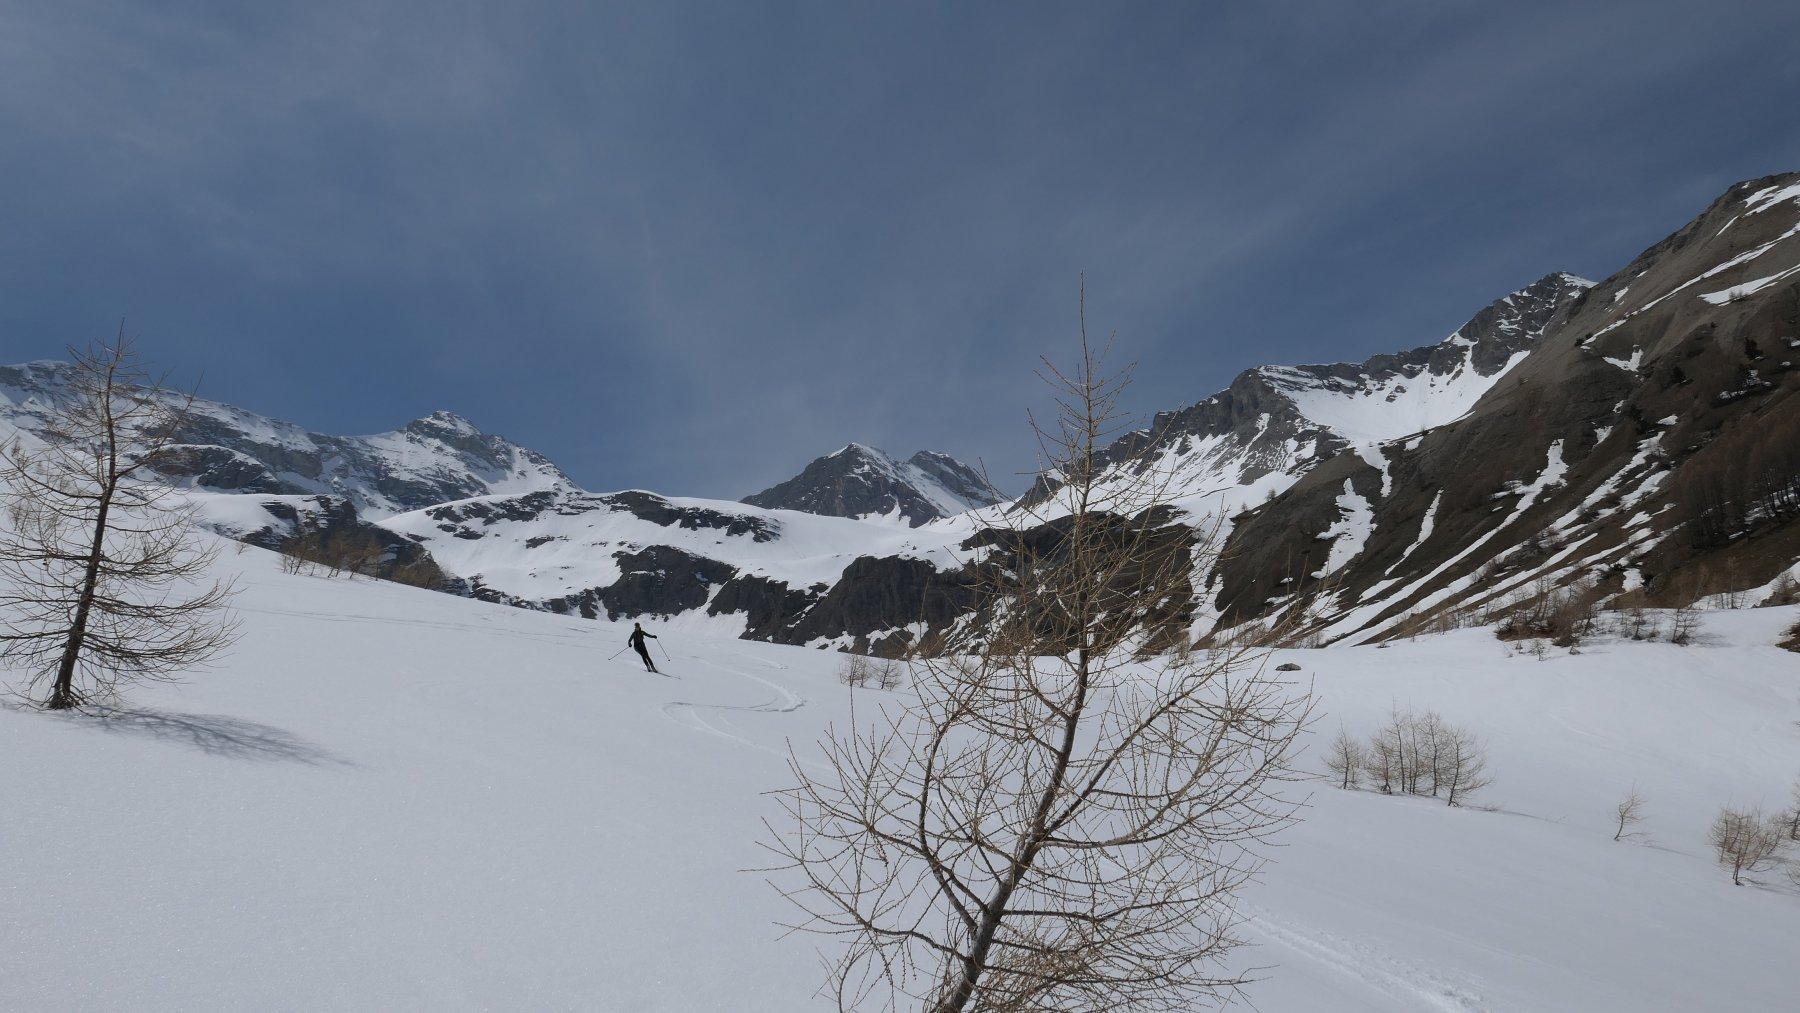 parte bassa su neve primaverile